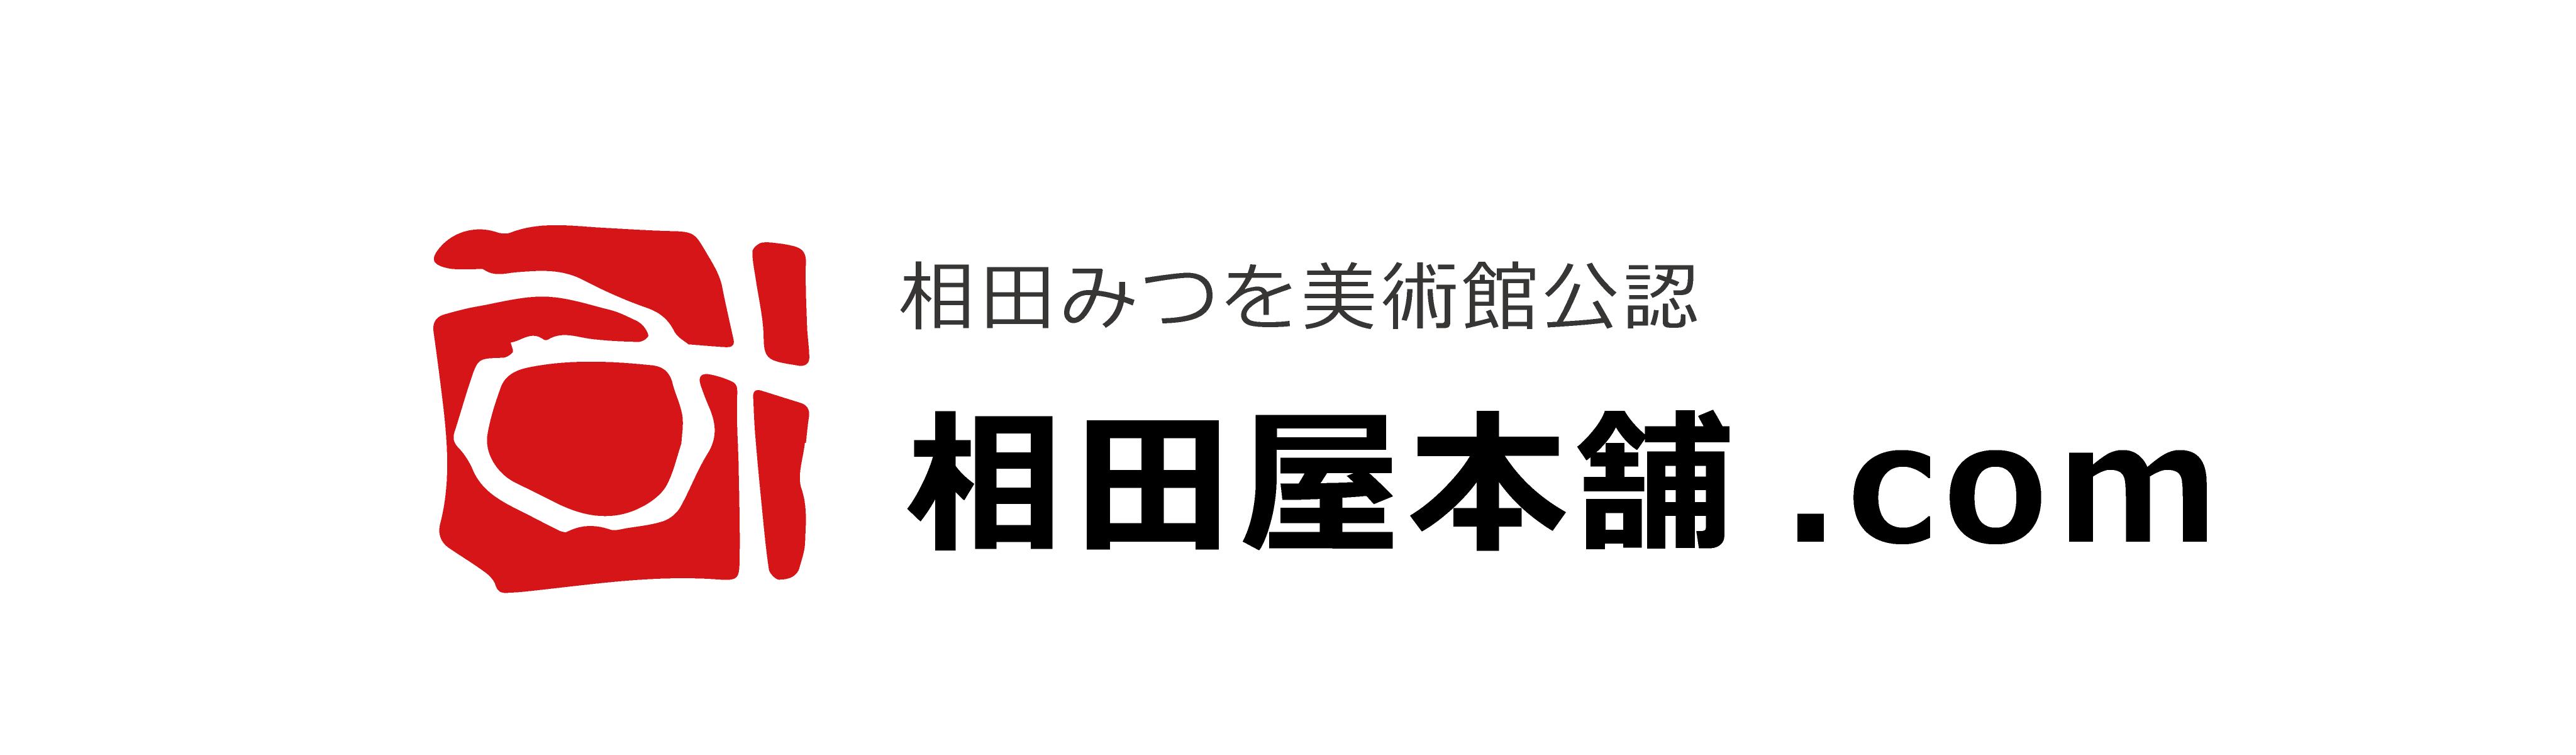 相田屋本舗.com